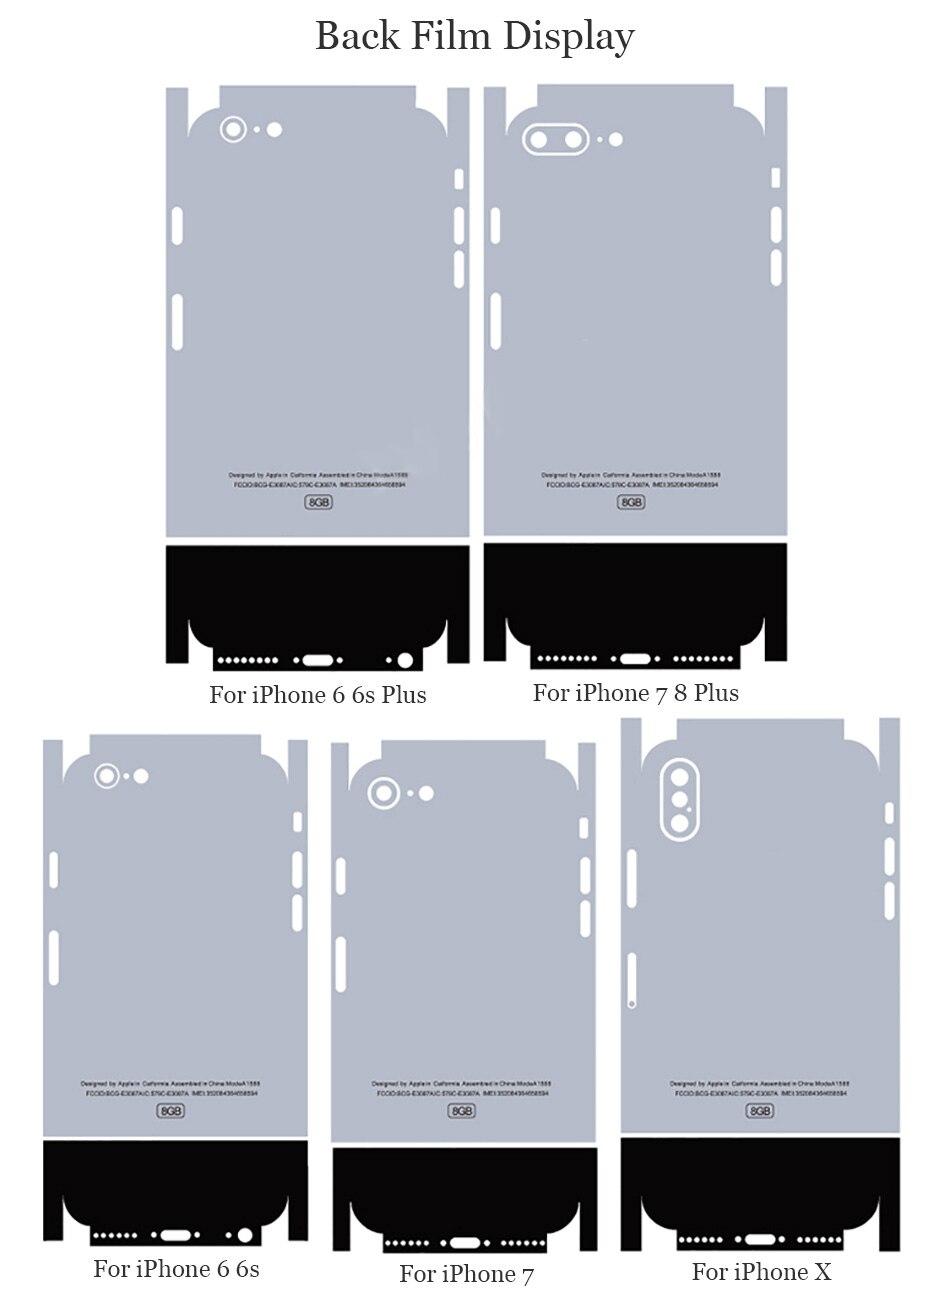 Скин для iPhone6 в стиле iPhone Gen1